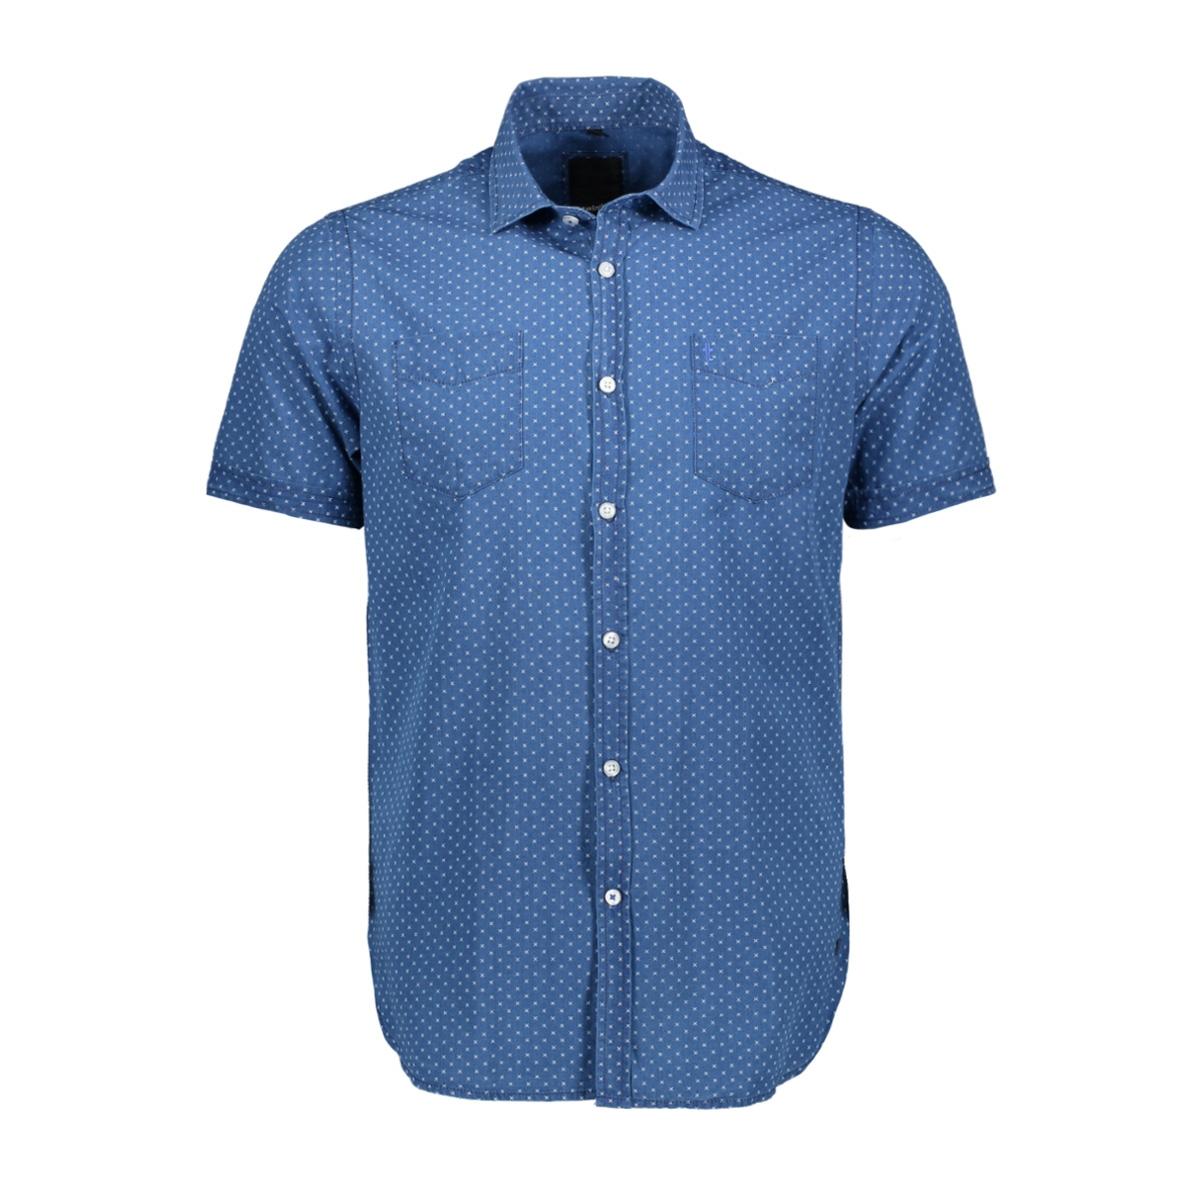 1901 2120 m 1 twinlife overhemd 6550 real indigo